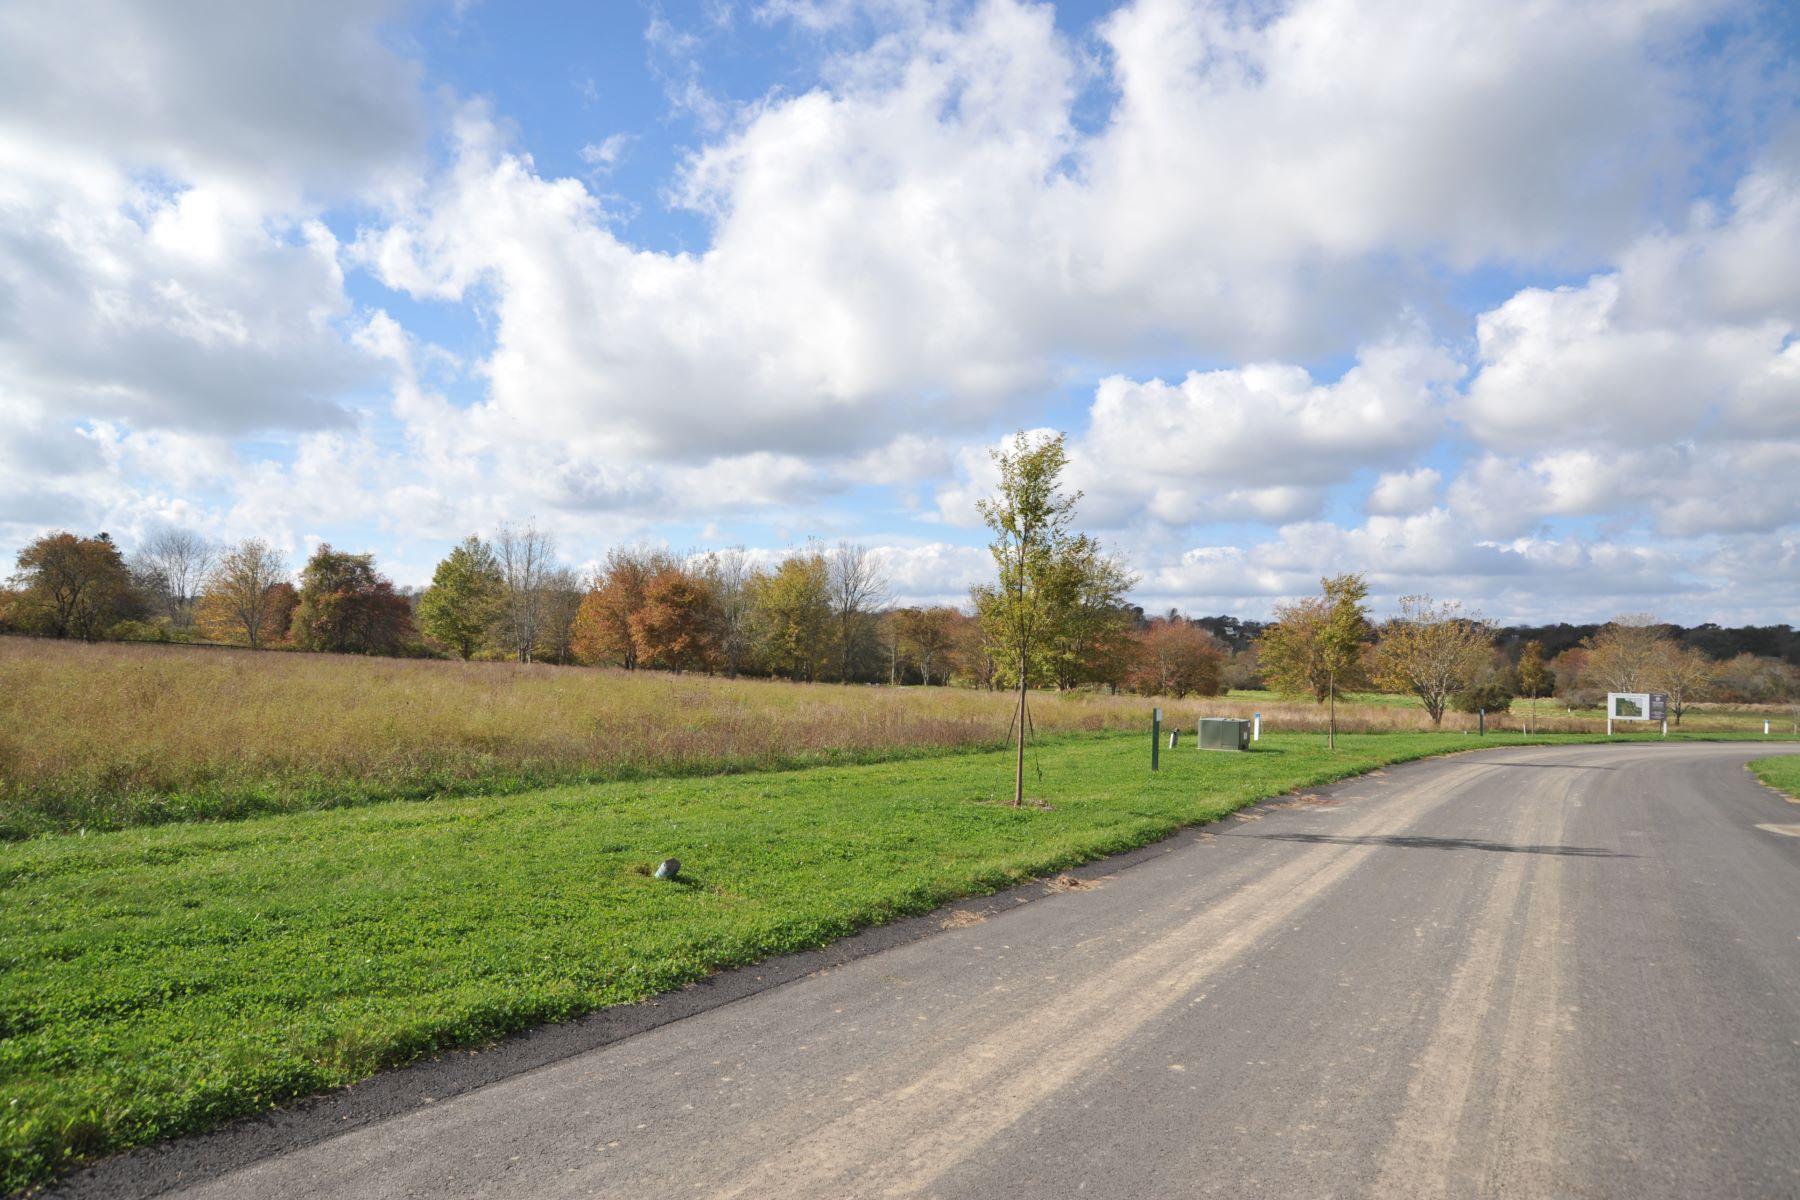 Land voor Verkoop op Middle Creek Farm - Lot 0 Cornelius Drive, Lot 2, Middletown, Rhode Island 02842 Verenigde Staten